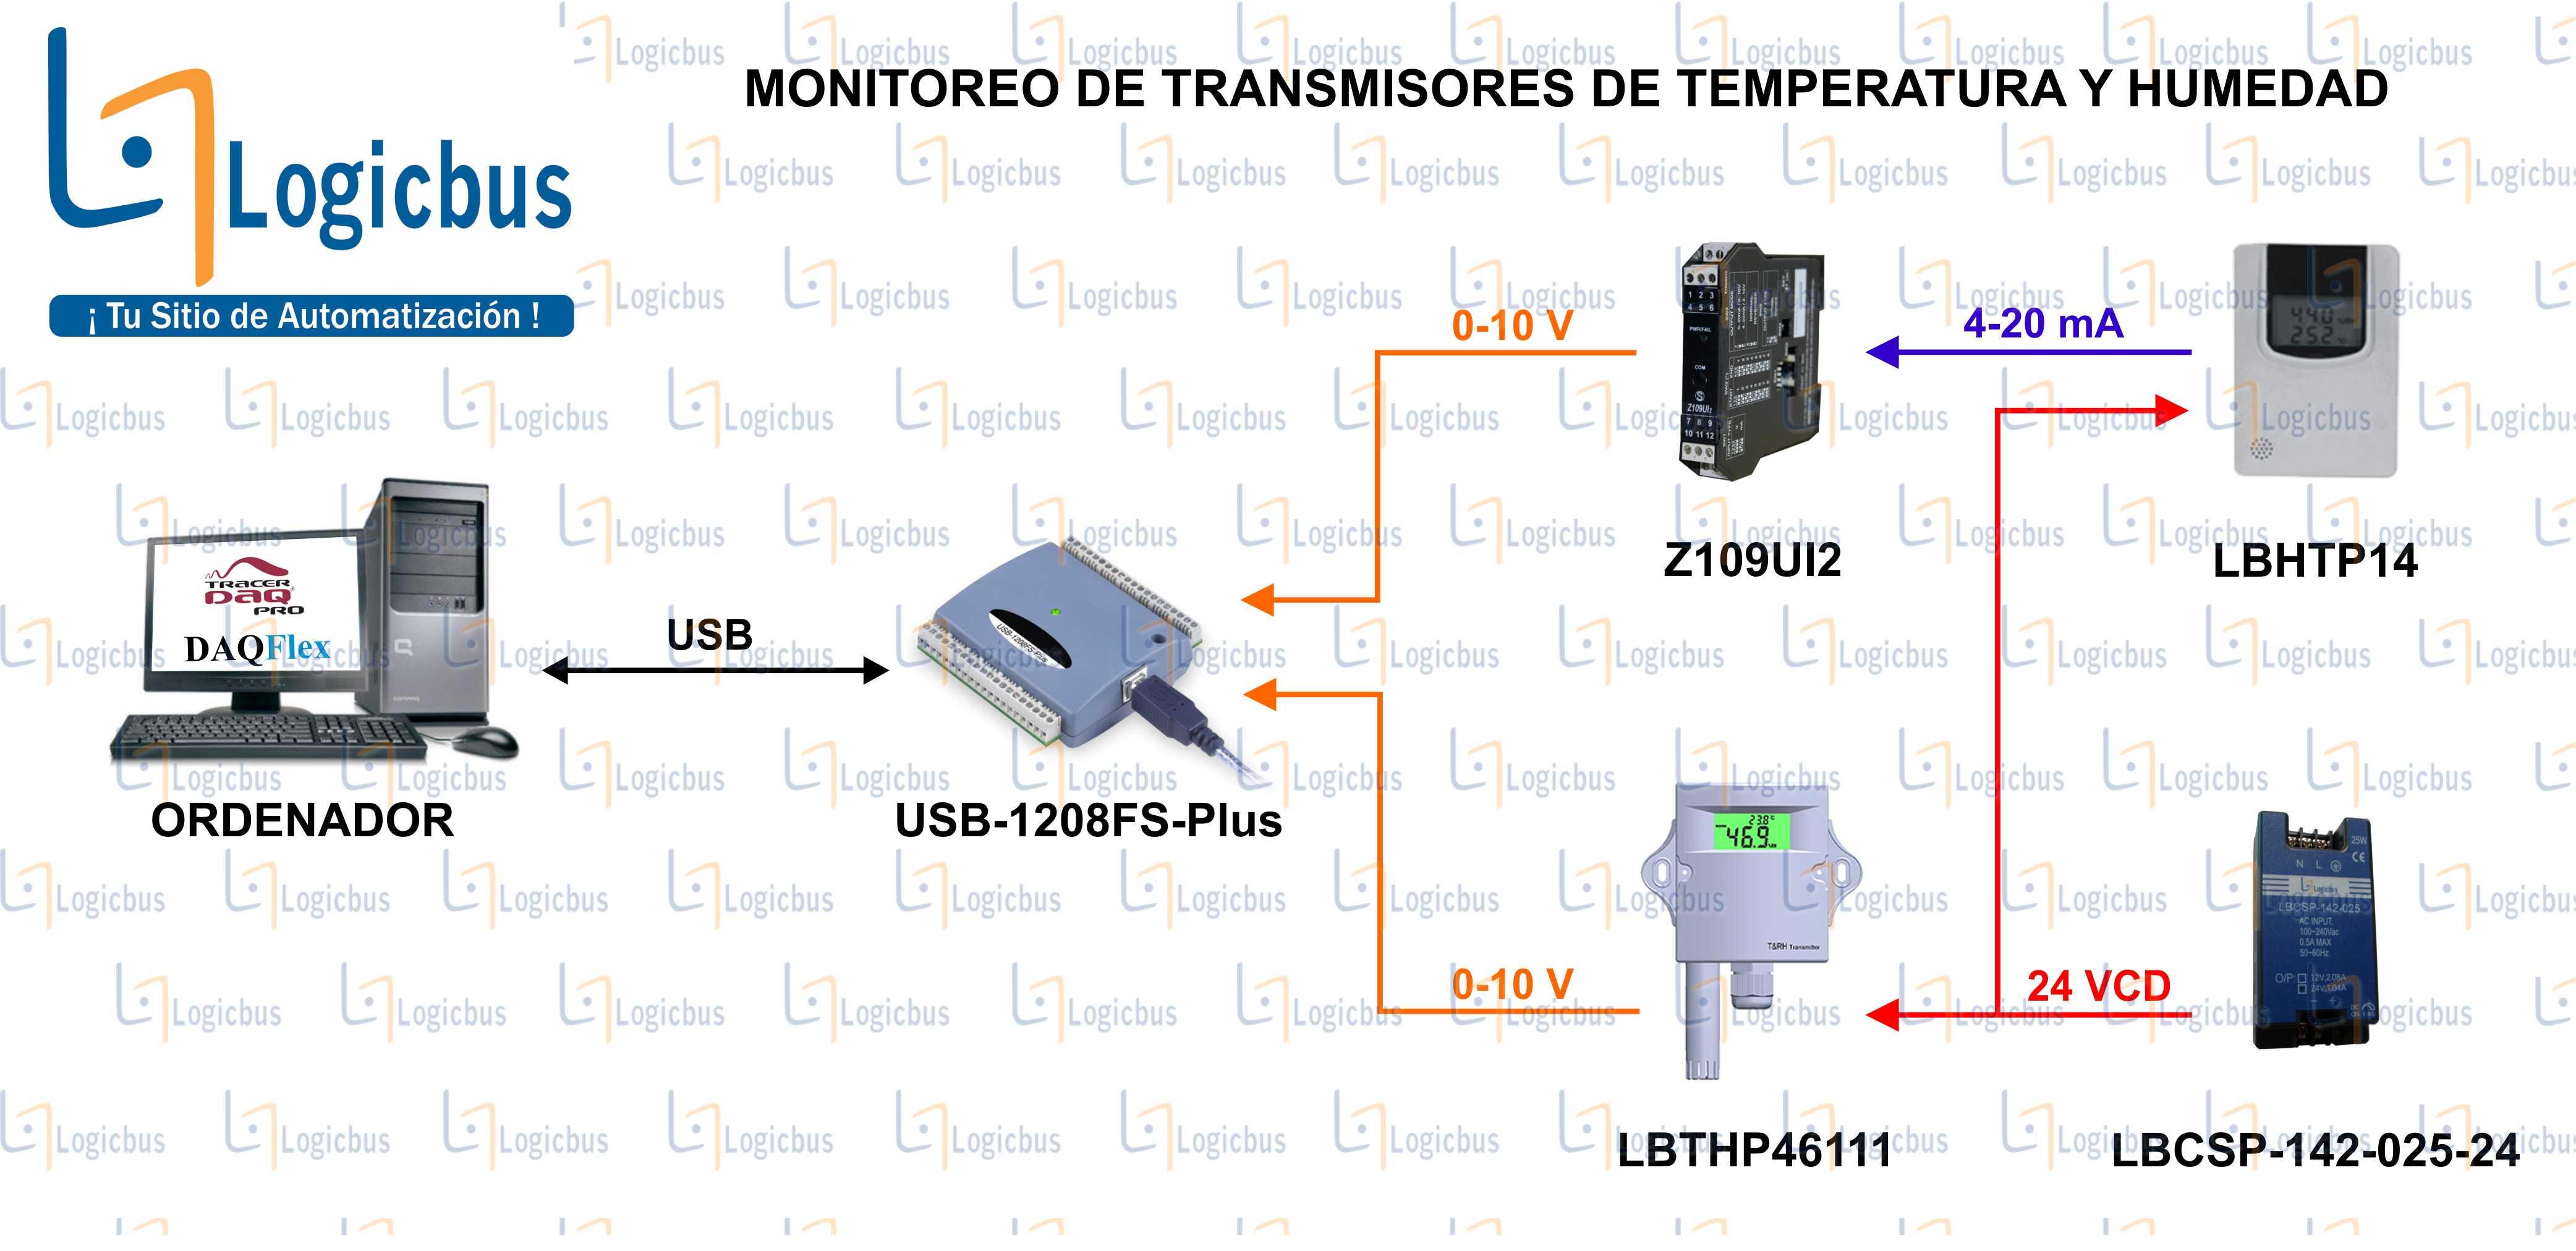 Ejemplo de aplicación USB-1208FS-Plus